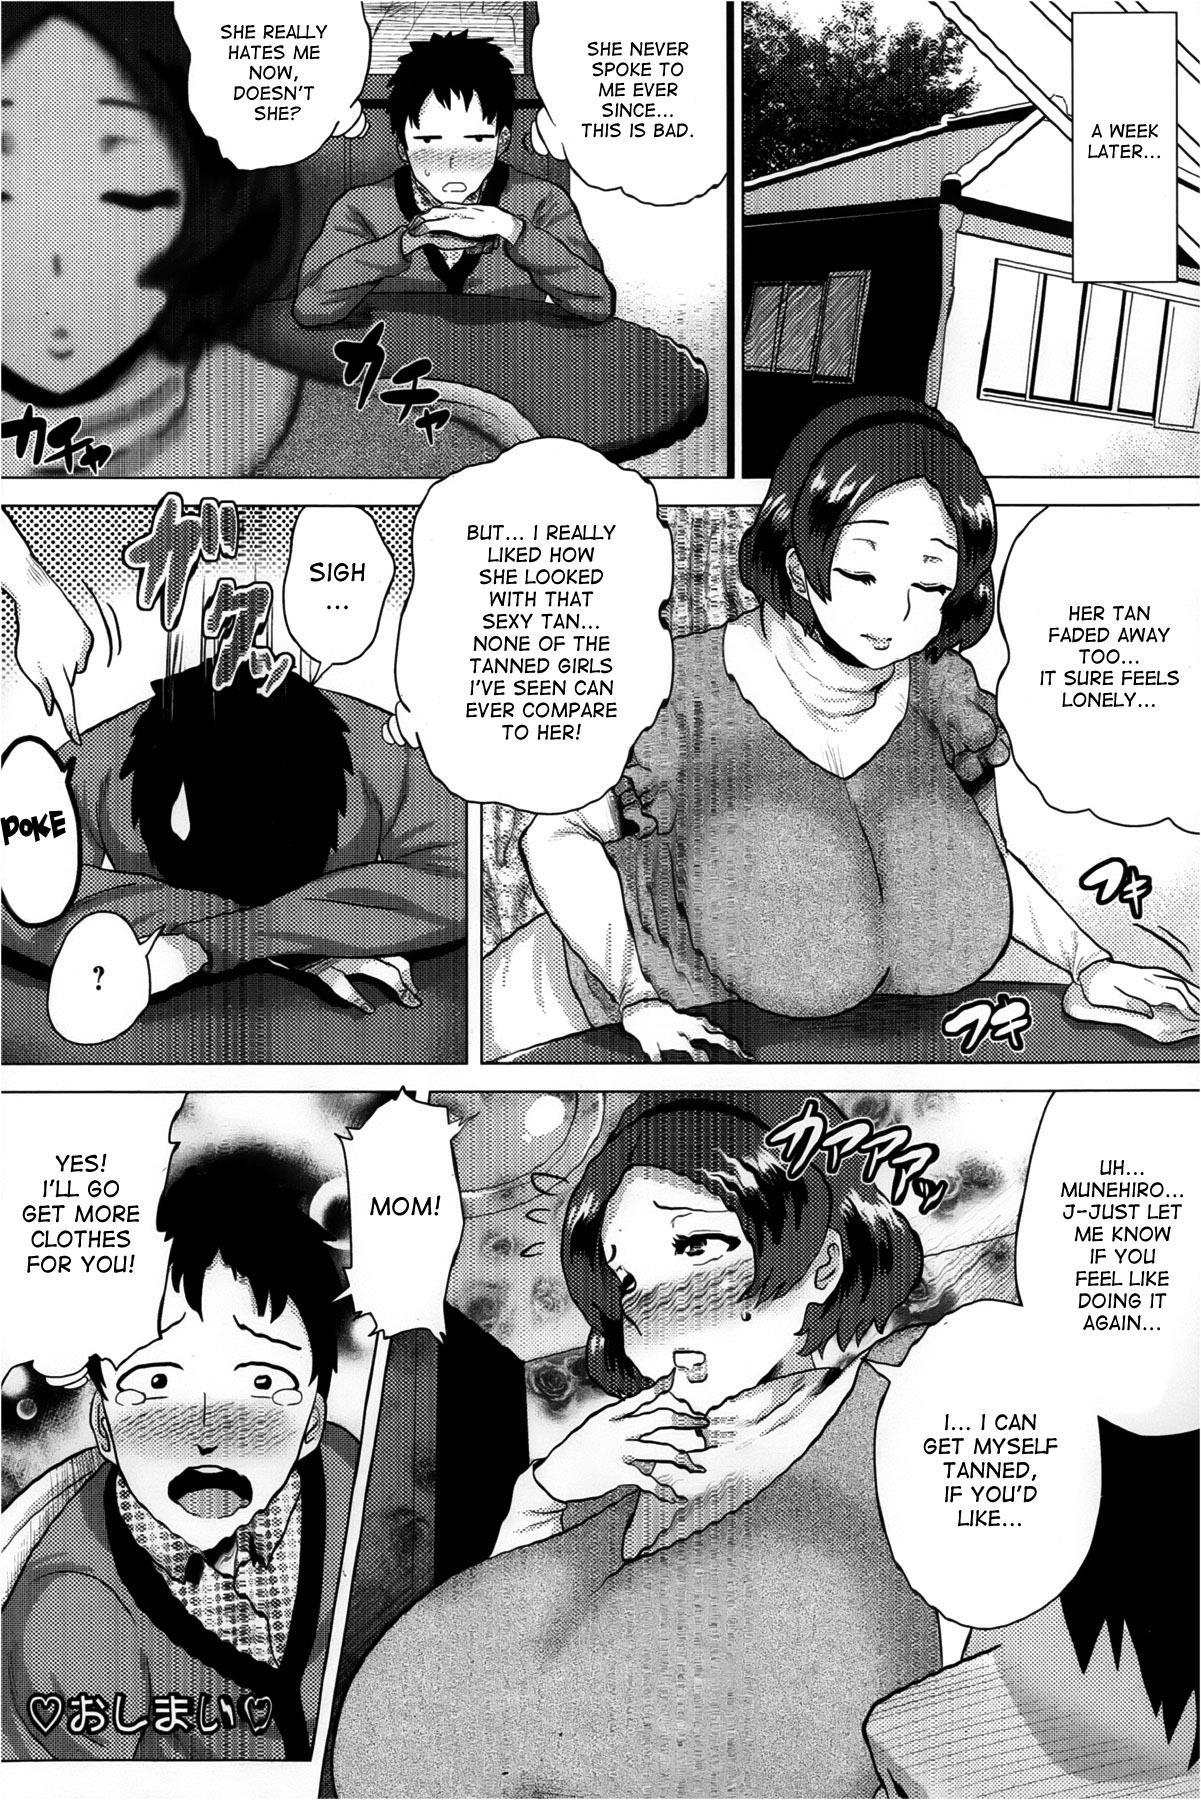 [Yokkora] Megabody Night ~Watashi no Oniku wo Meshiagare~ | Megabody Night ~My voluptuous body & mom love~ [English] {Laruffi + desudesu + EHCOVE} 46